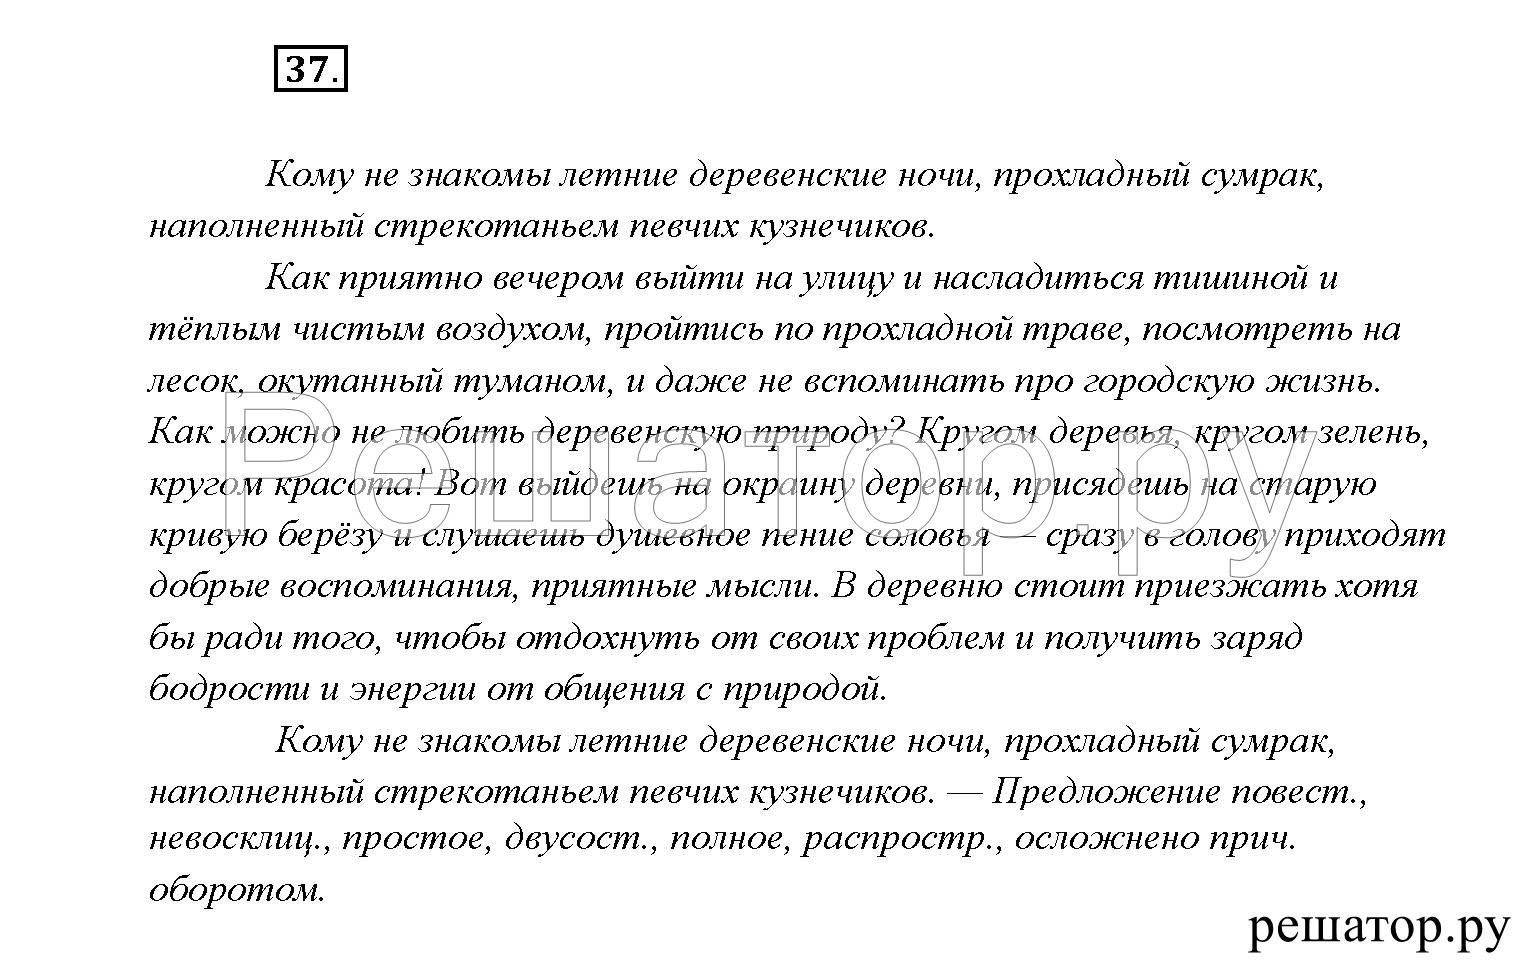 гдз по русскому анализ текста 8